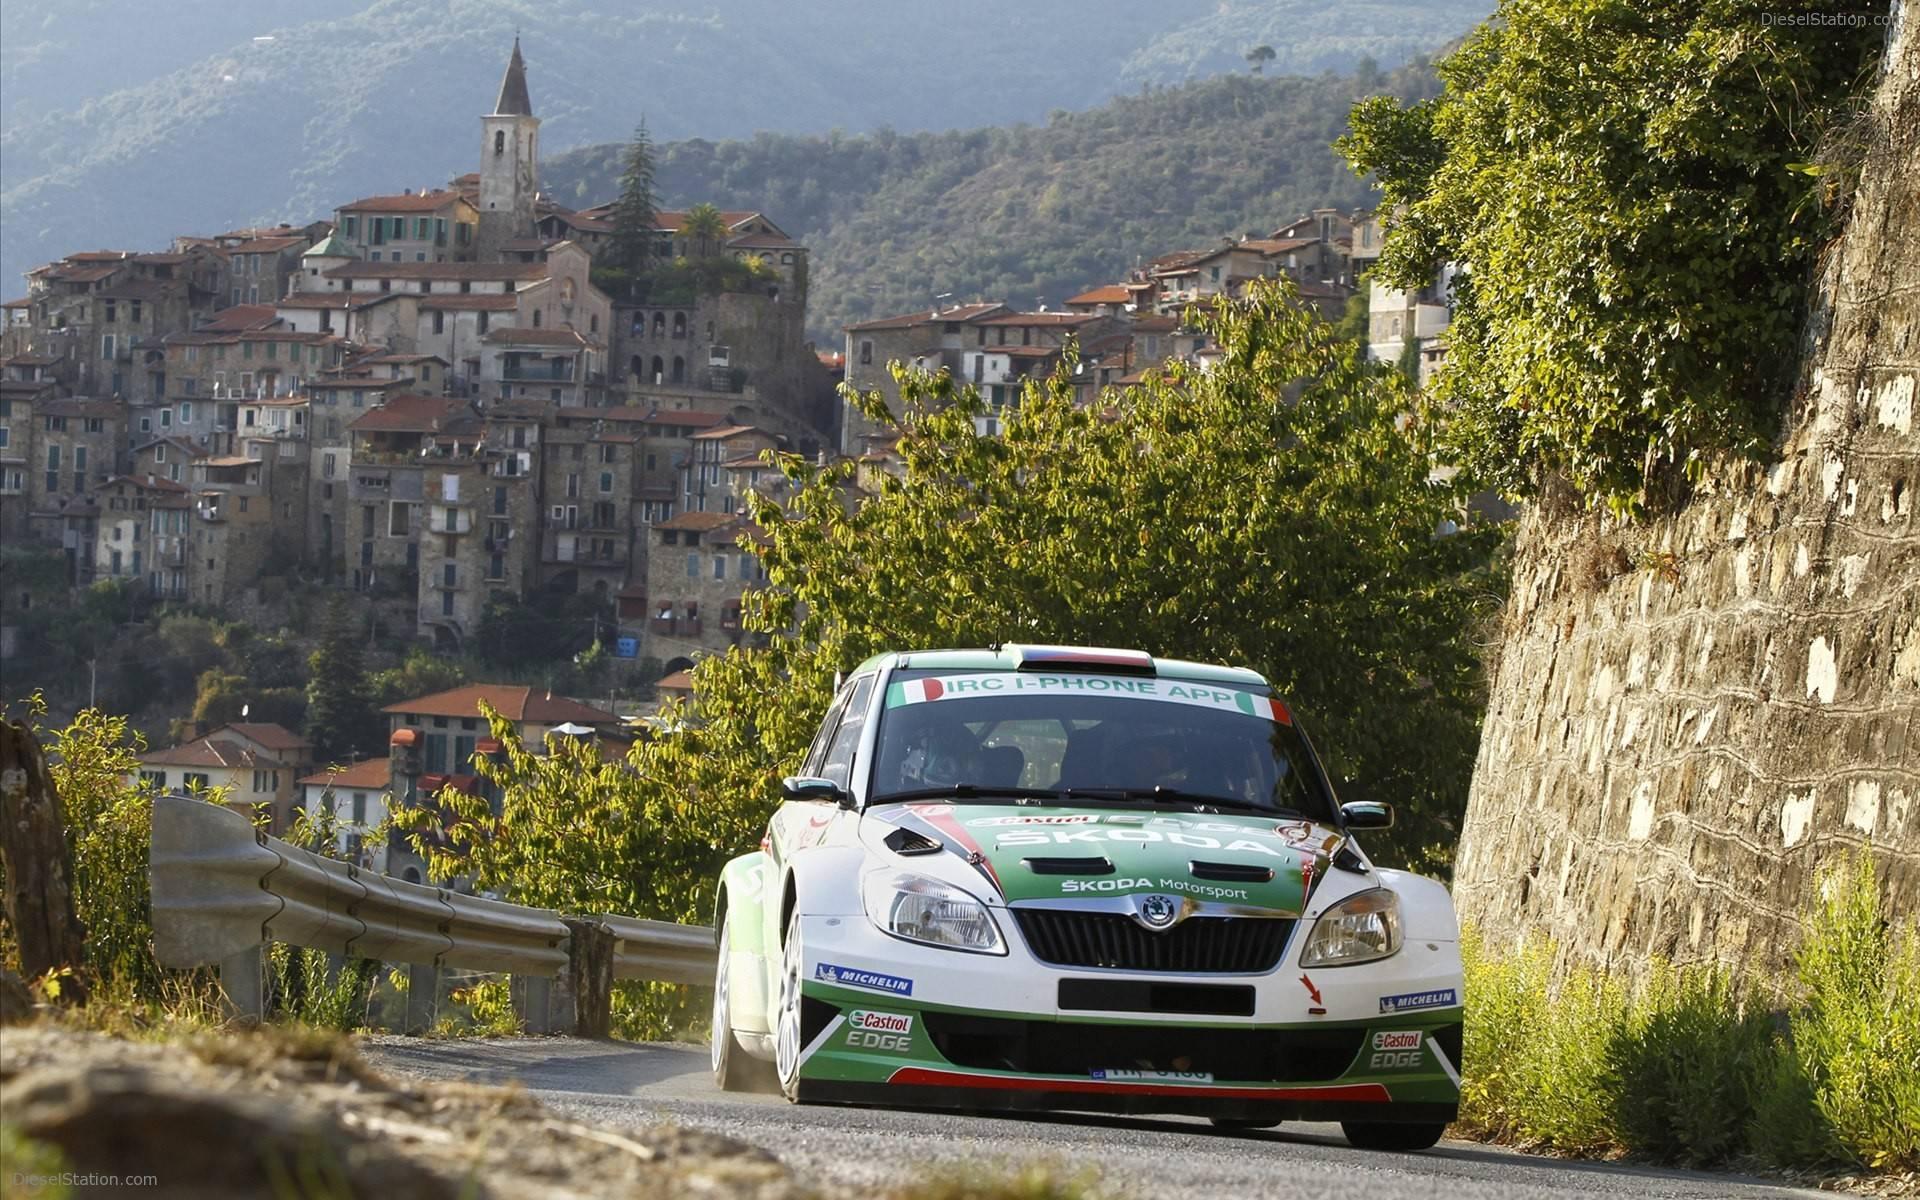 Как путешествовать по италии на авто: карта дорог, парковки, лучшие маршруты